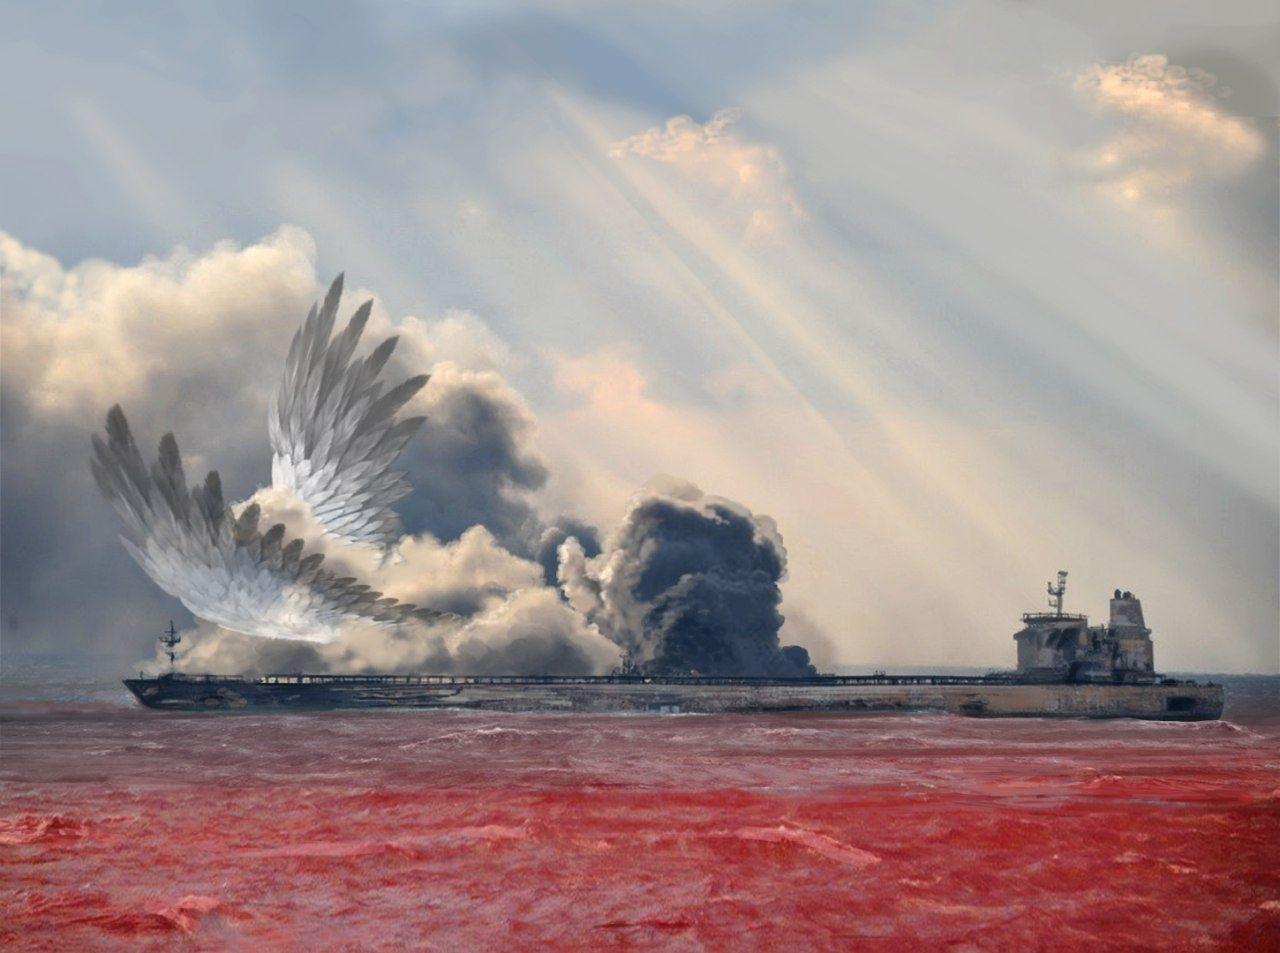 سالگرد شهادت دریانوردان دریاخفته نفتکش سانچی